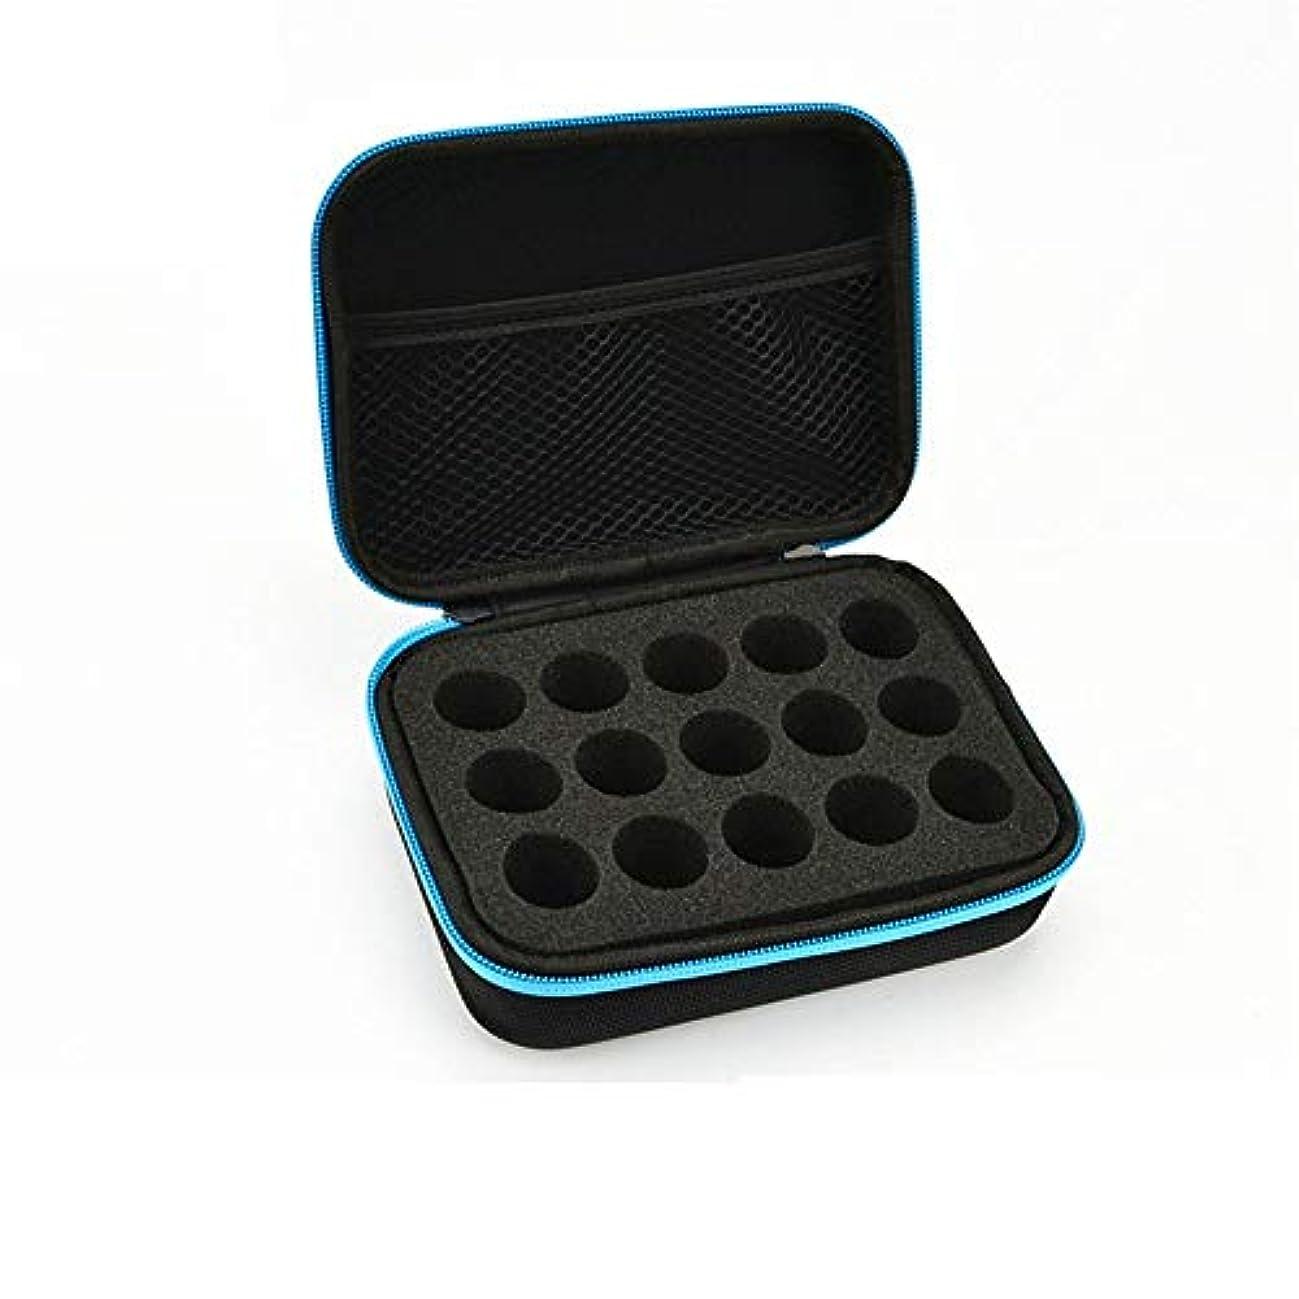 忙しい軽蔑する硬さエッセンシャルオイルストレージボックス ケース収納キャリングエッセンシャルオイルは、10?15mlのトラベルオーガナイザーポーチバッグブルーに適合します 旅行およびプレゼンテーション用 (色 : 青, サイズ : 17X12.5X6CM)